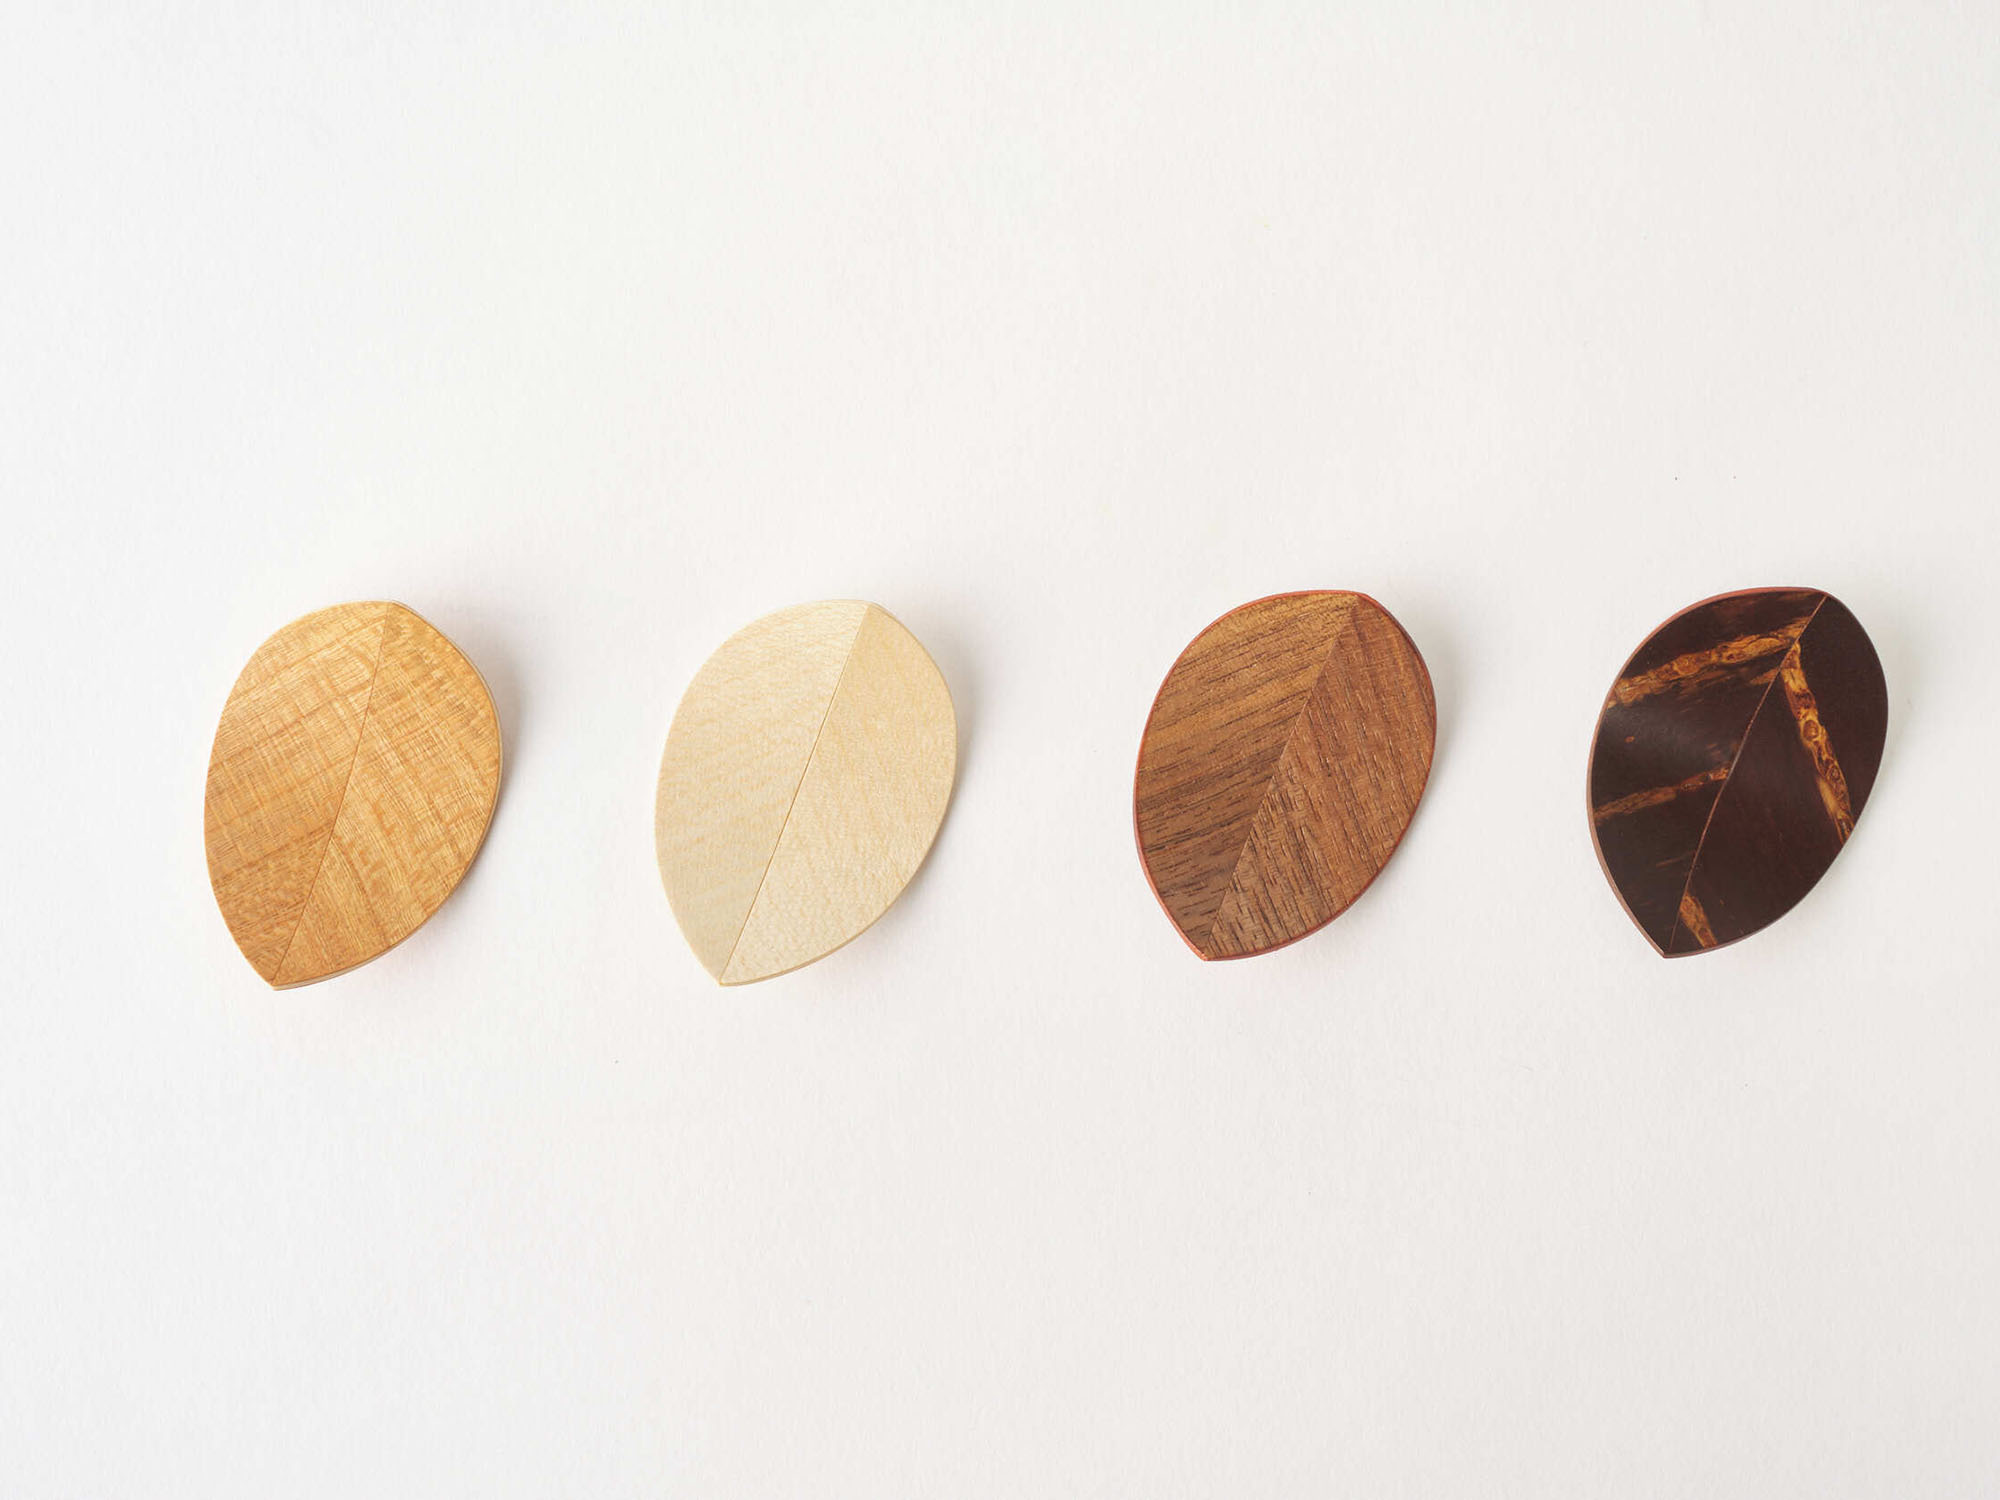 樺細工|葉枝おき